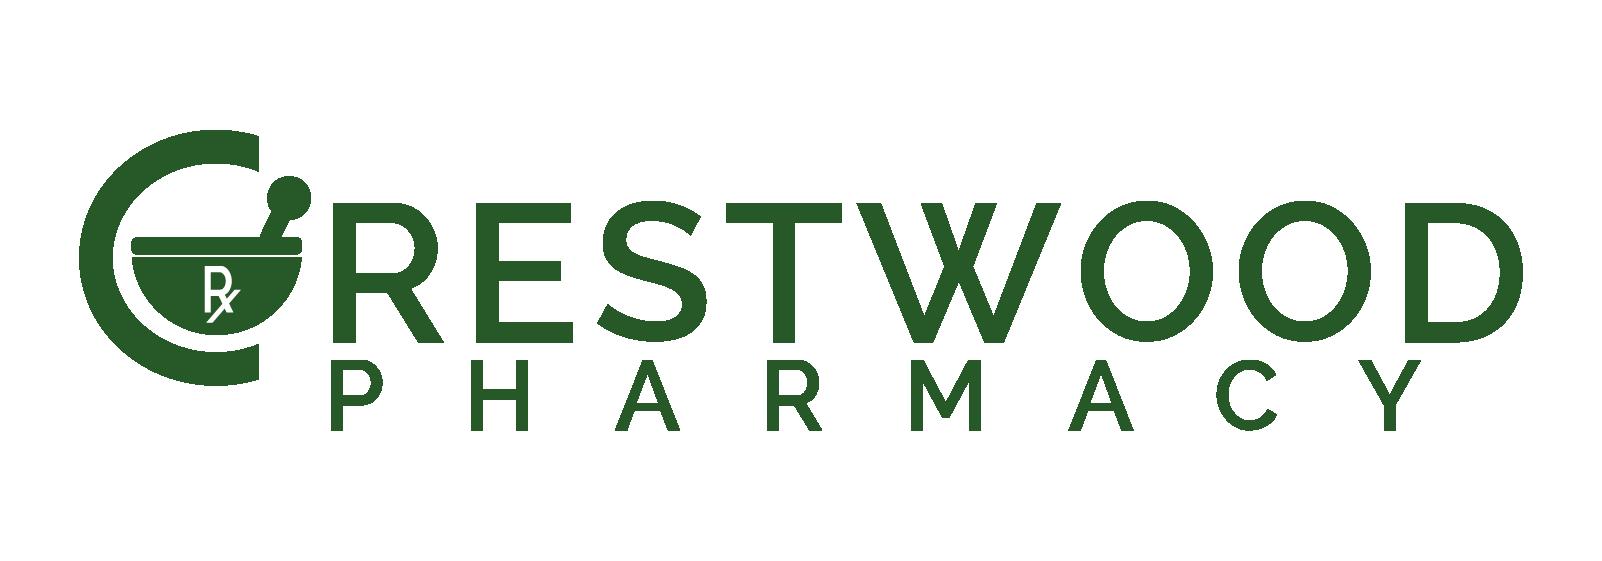 Crestwood Pharmacy